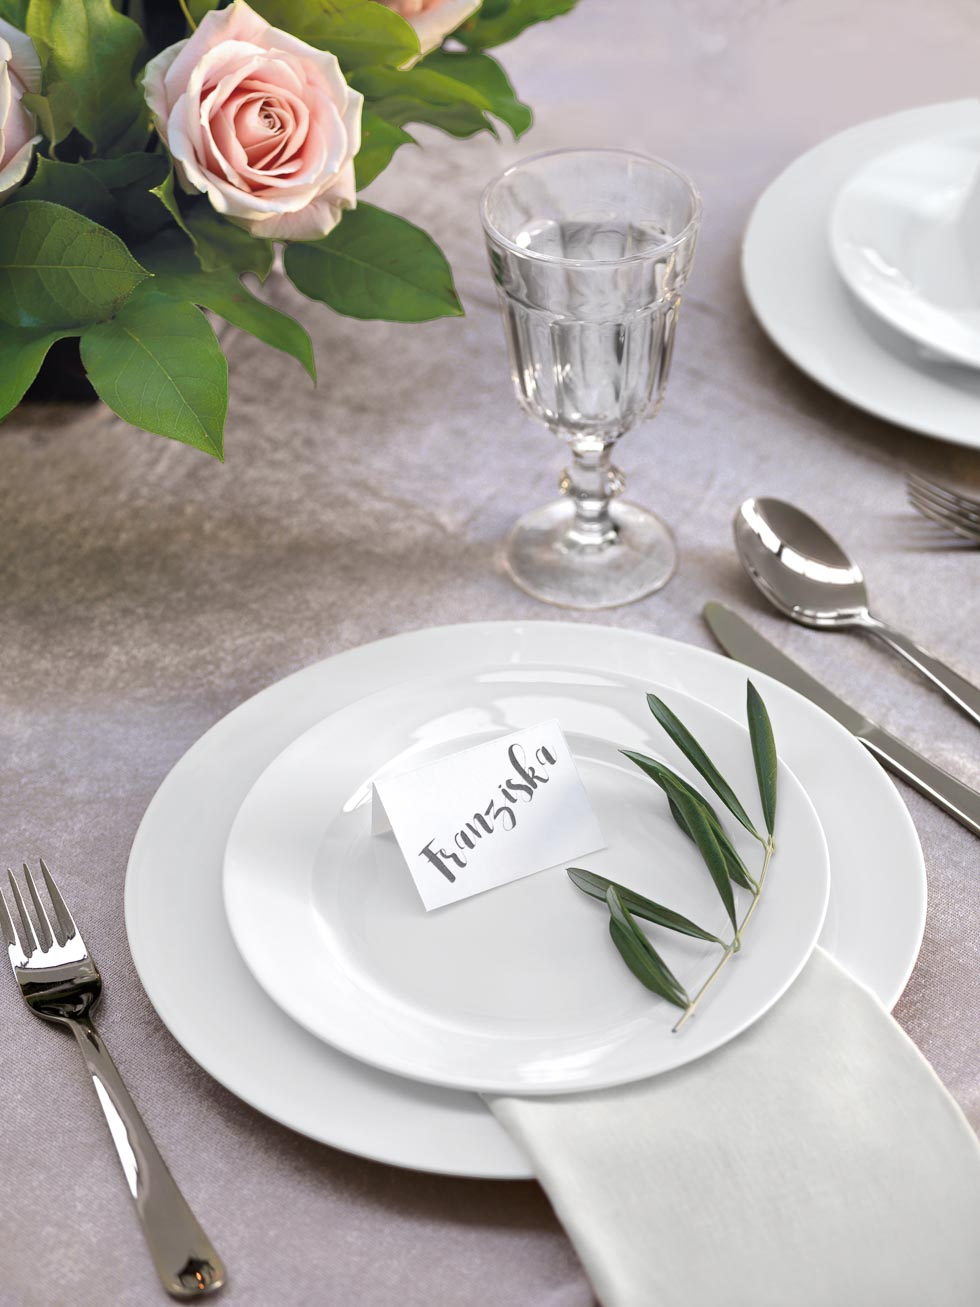 Tischdekoration Platzkarten mit Brush-Schrift